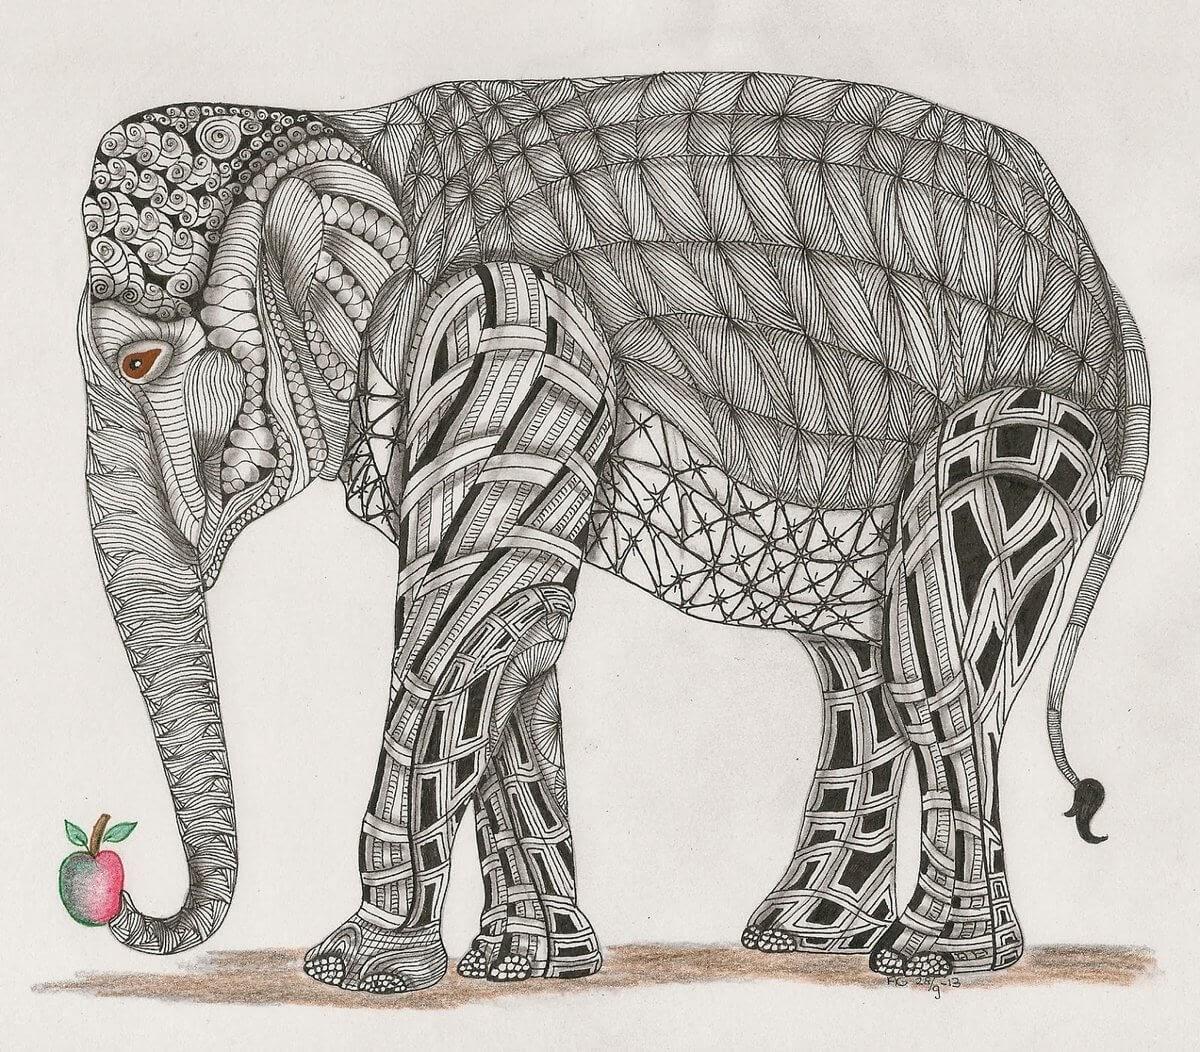 02-Elephant-Adri-van-Garderen-Animals-Given-the-Zentangle-Treatment-www-designstack-co